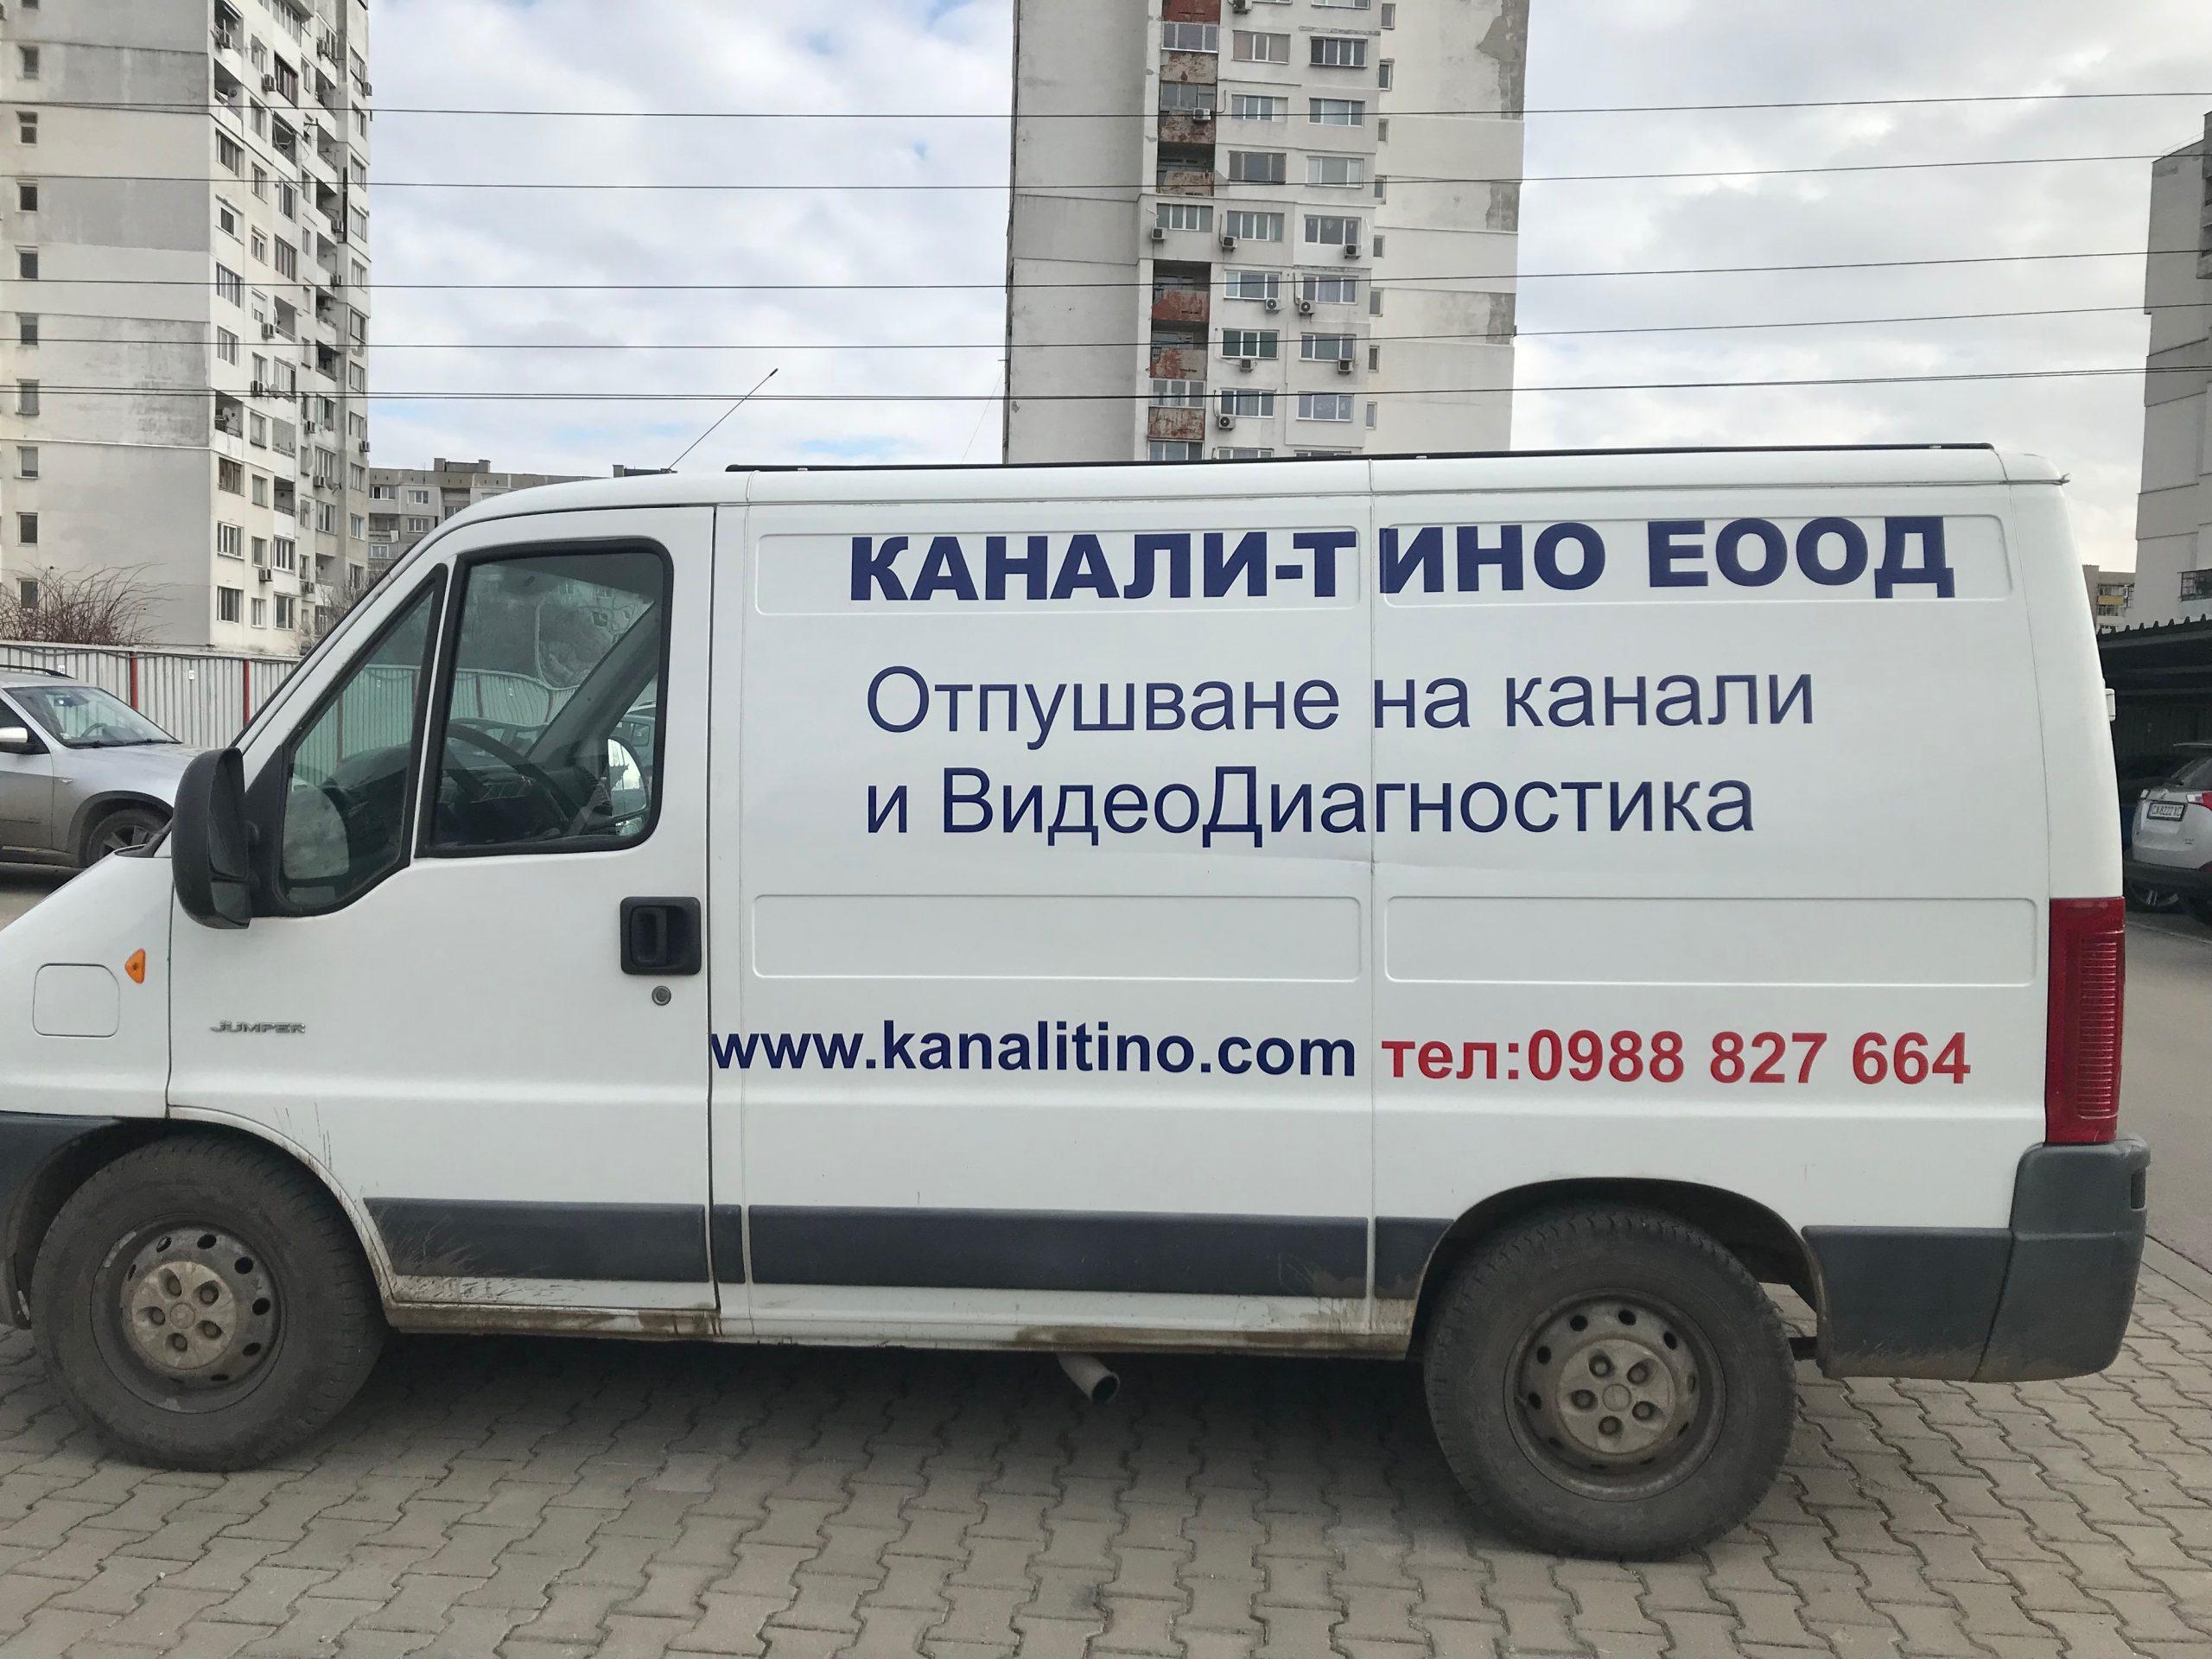 Отпушване на канали София